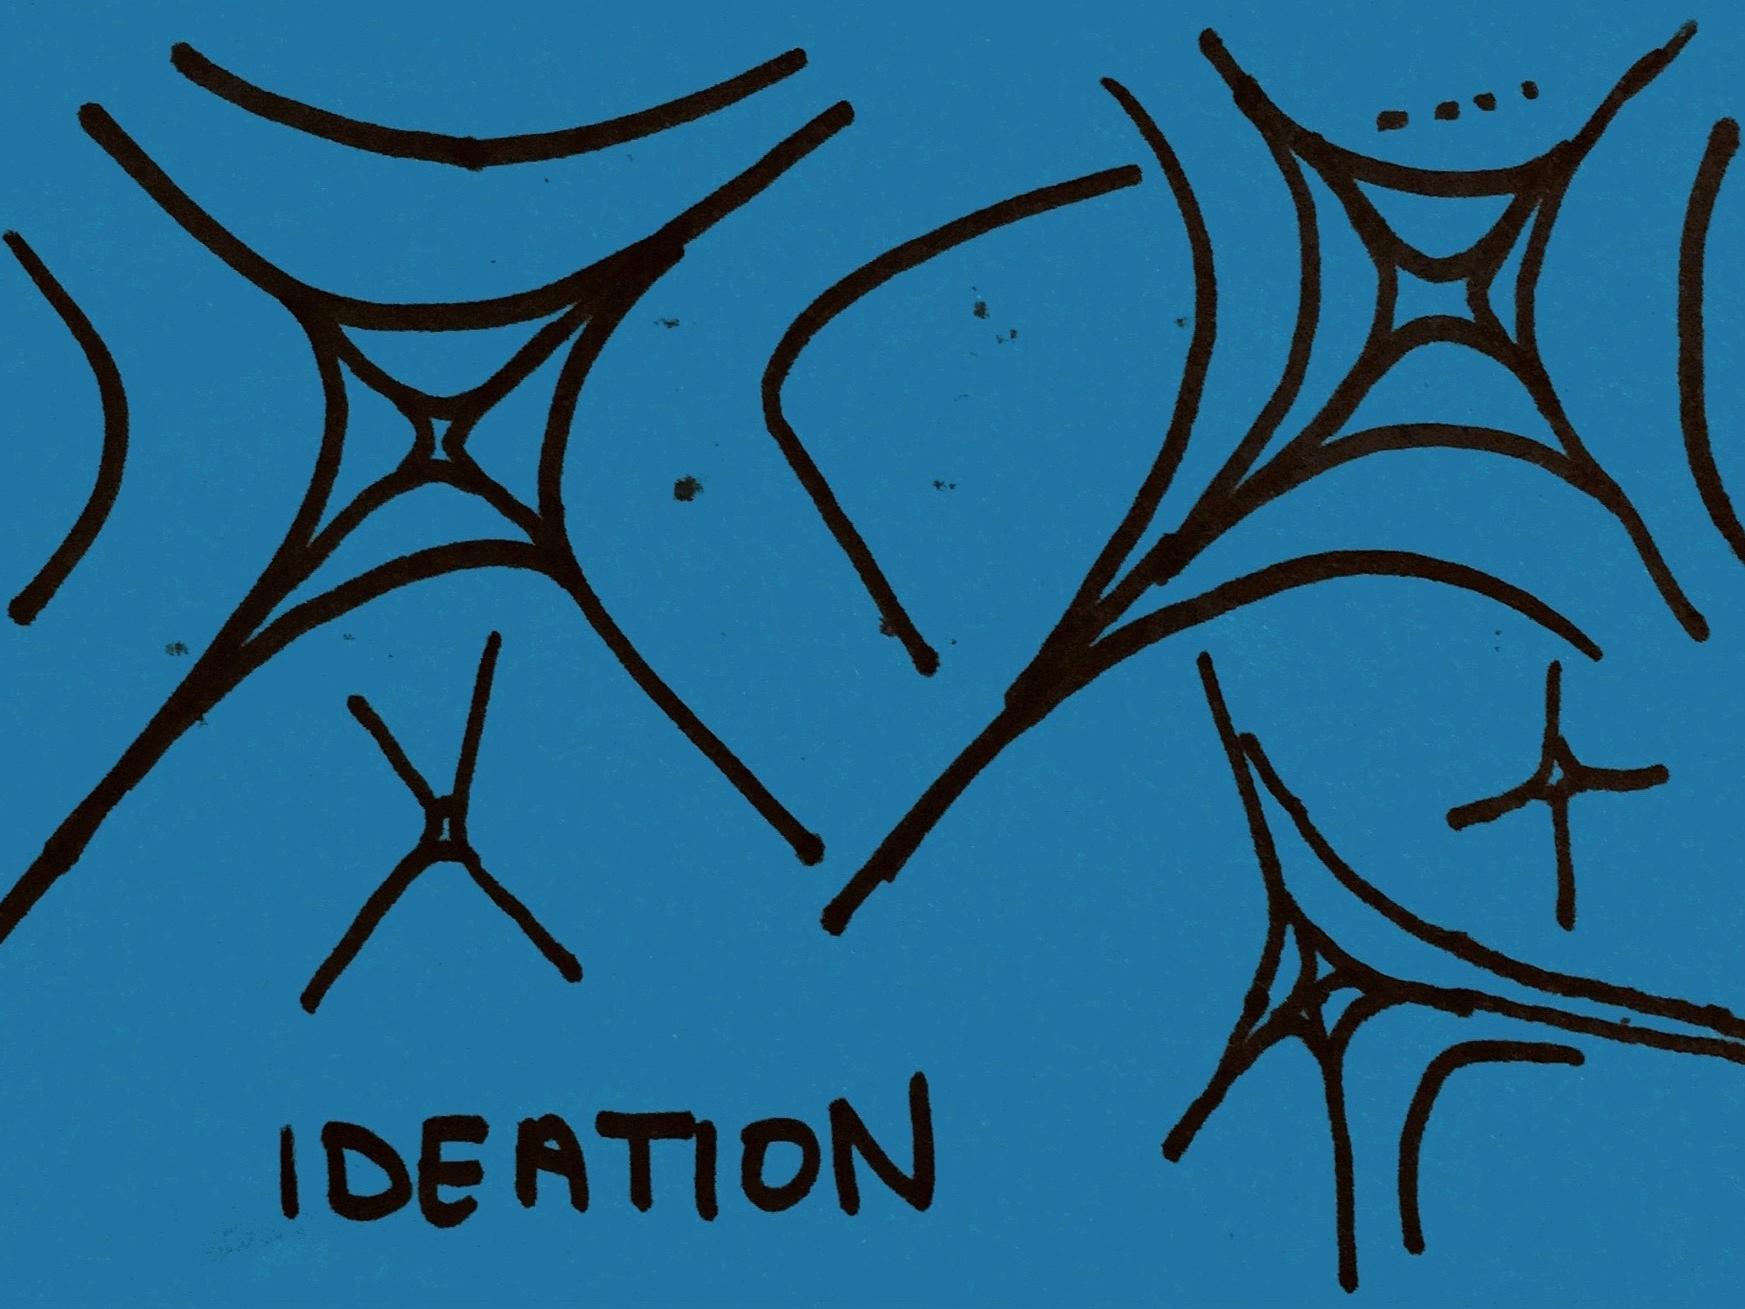 Ideation Strengthsfinder Singapore Brainstorm